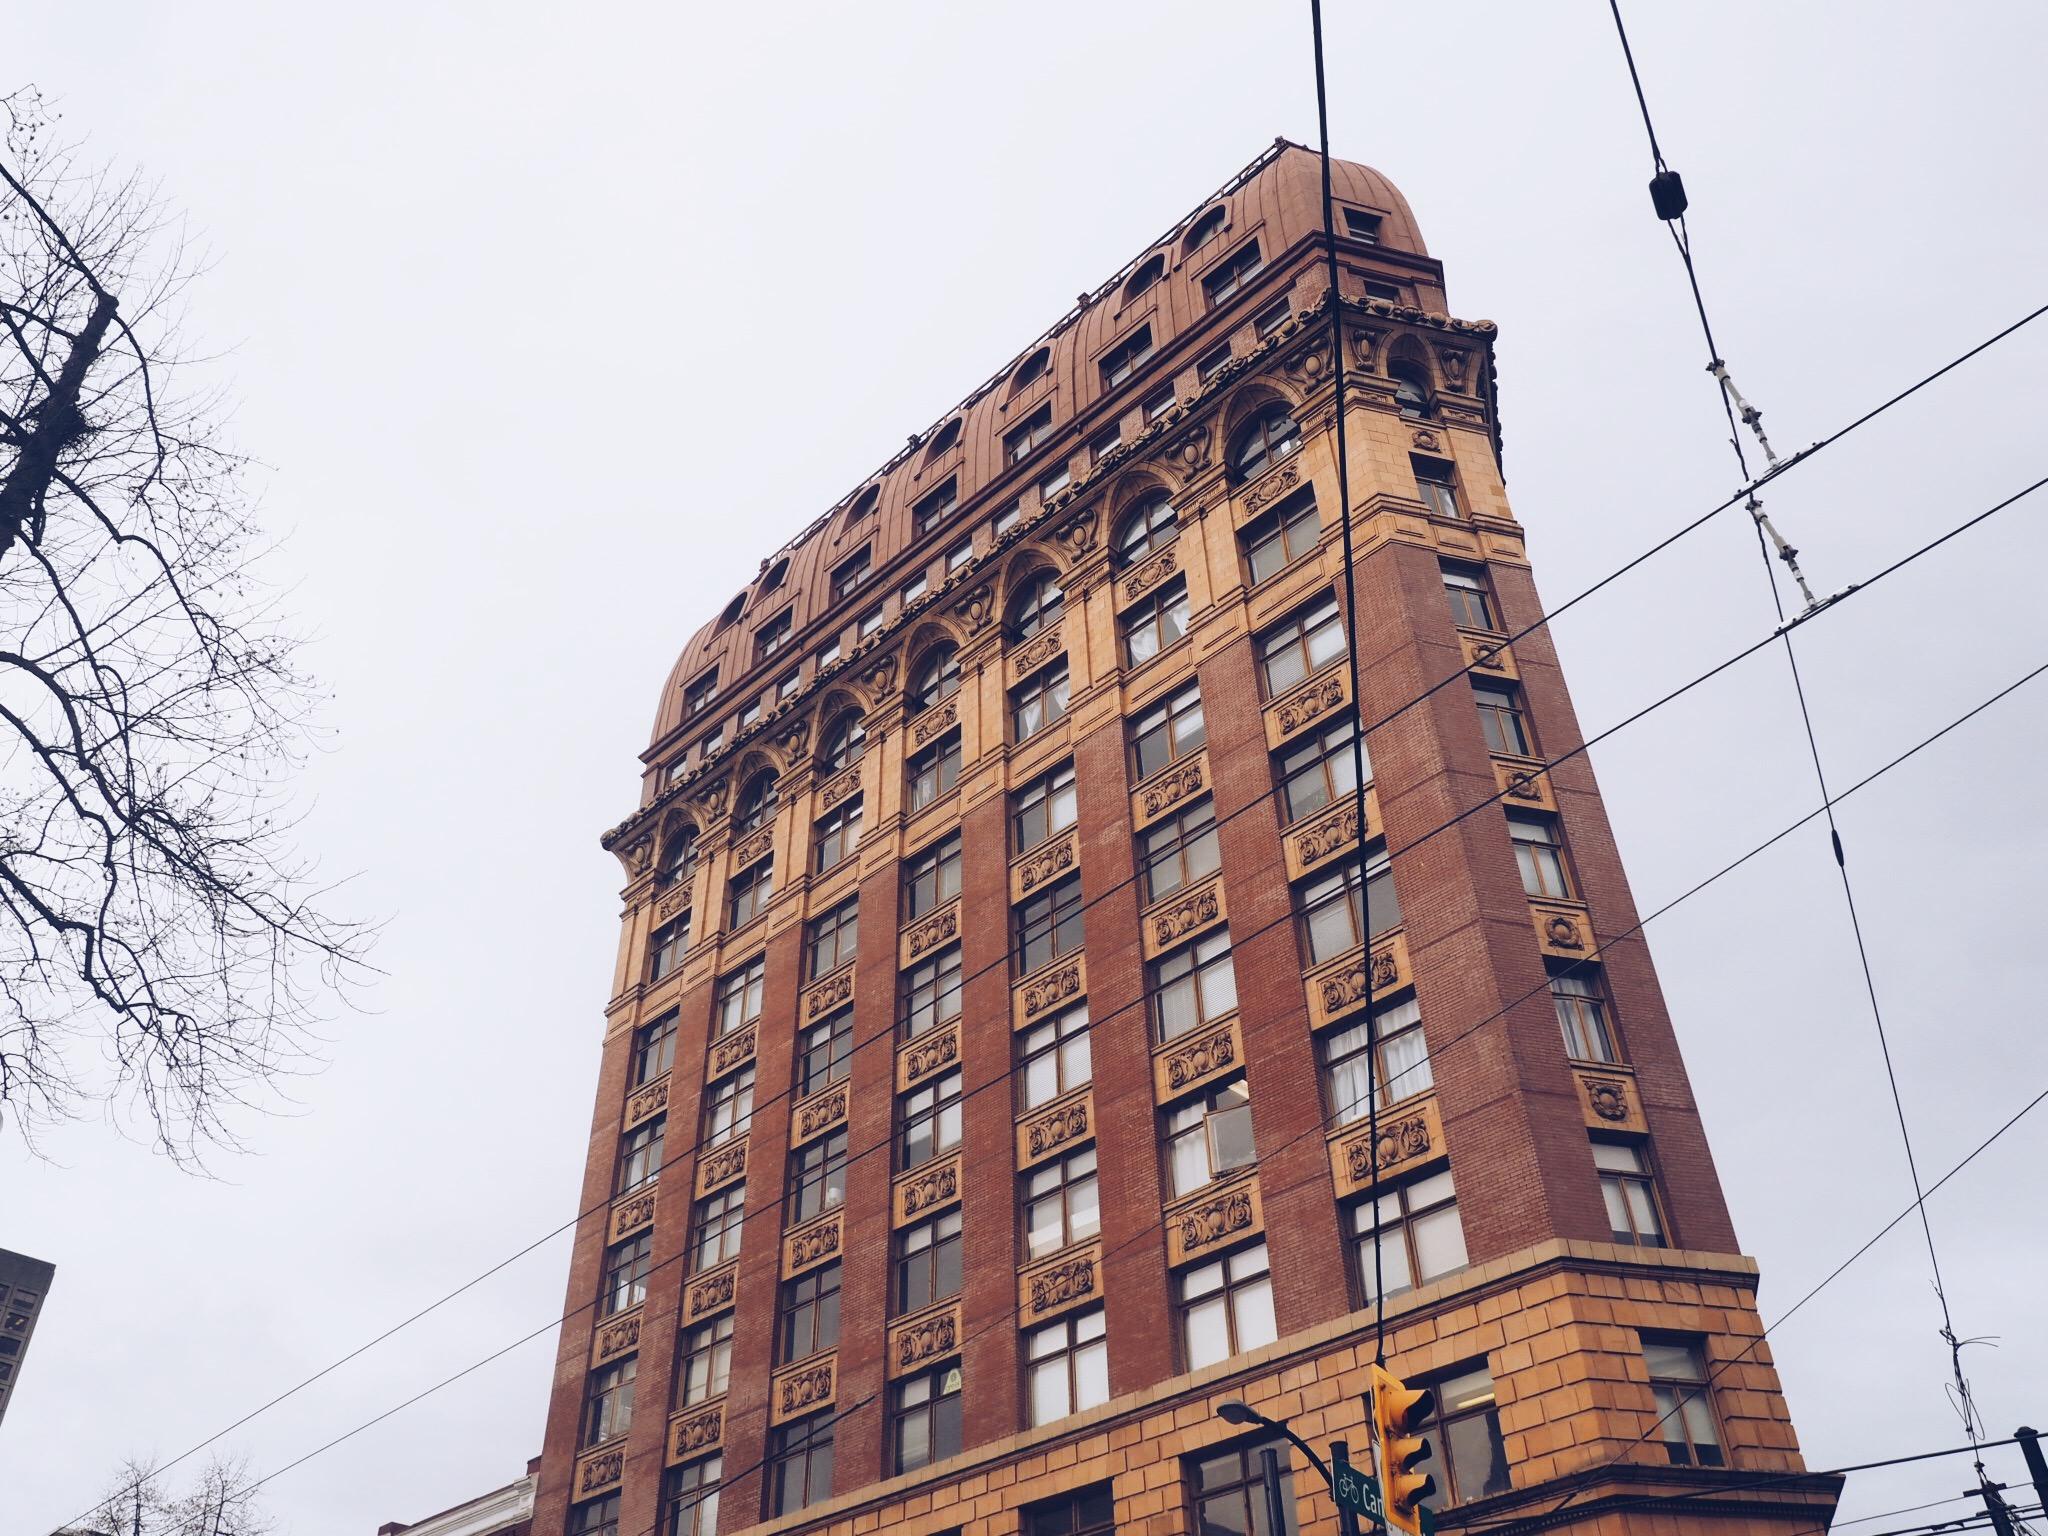 Gastown - look up buildings